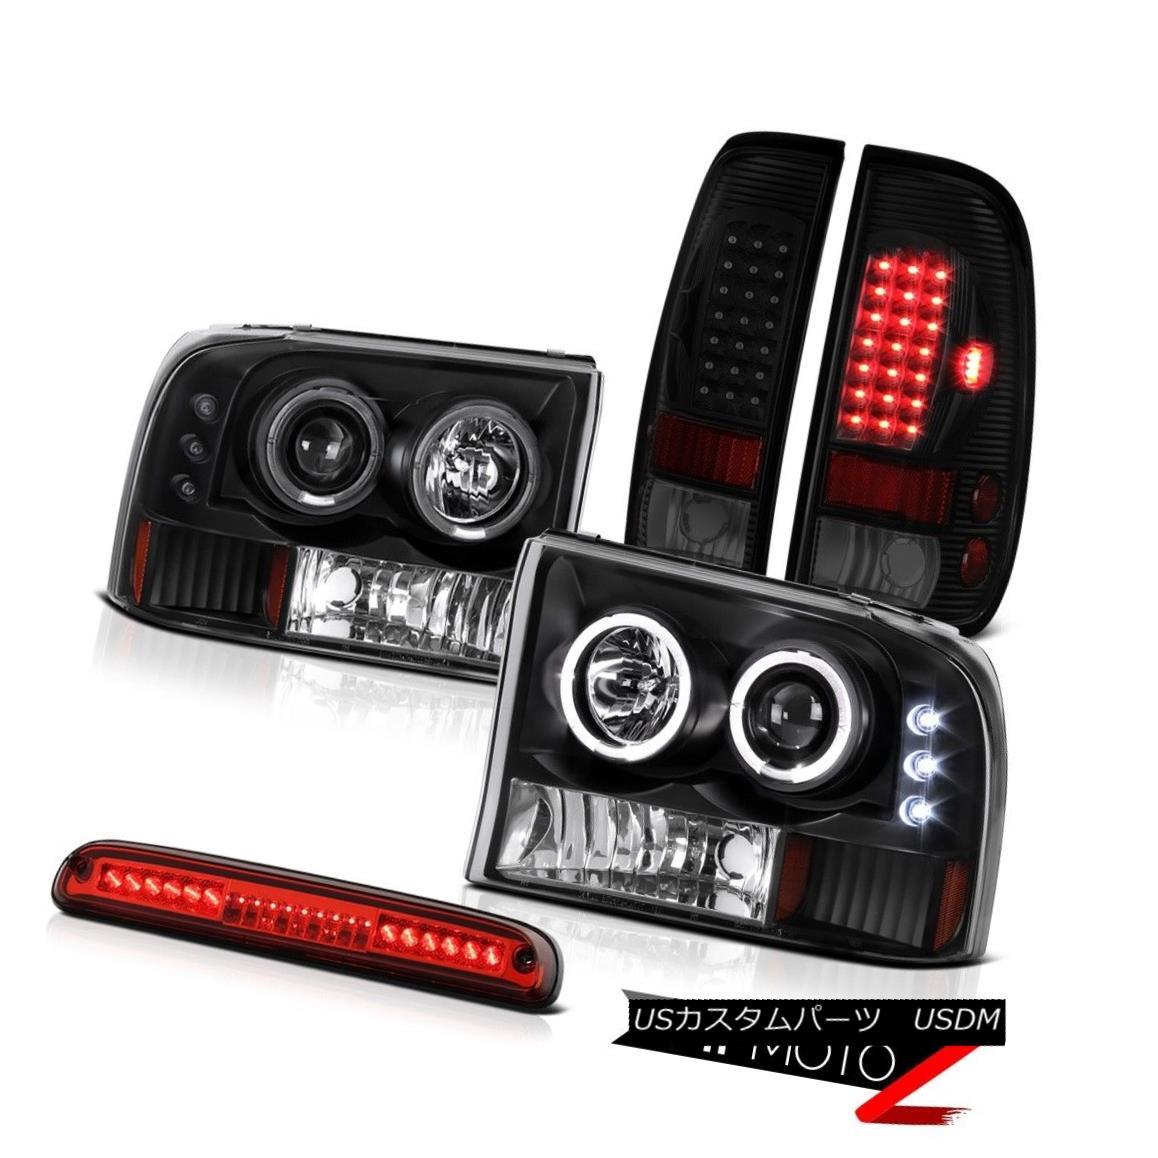 テールライト 99-04 F350 6.0L Sinister Black Tail Lamps Headlamps Wine Red Third Brake Light 99-04 F350 6.0Lシニスターブラックテールランプヘッドランプワインレッド第3ブレーキライト